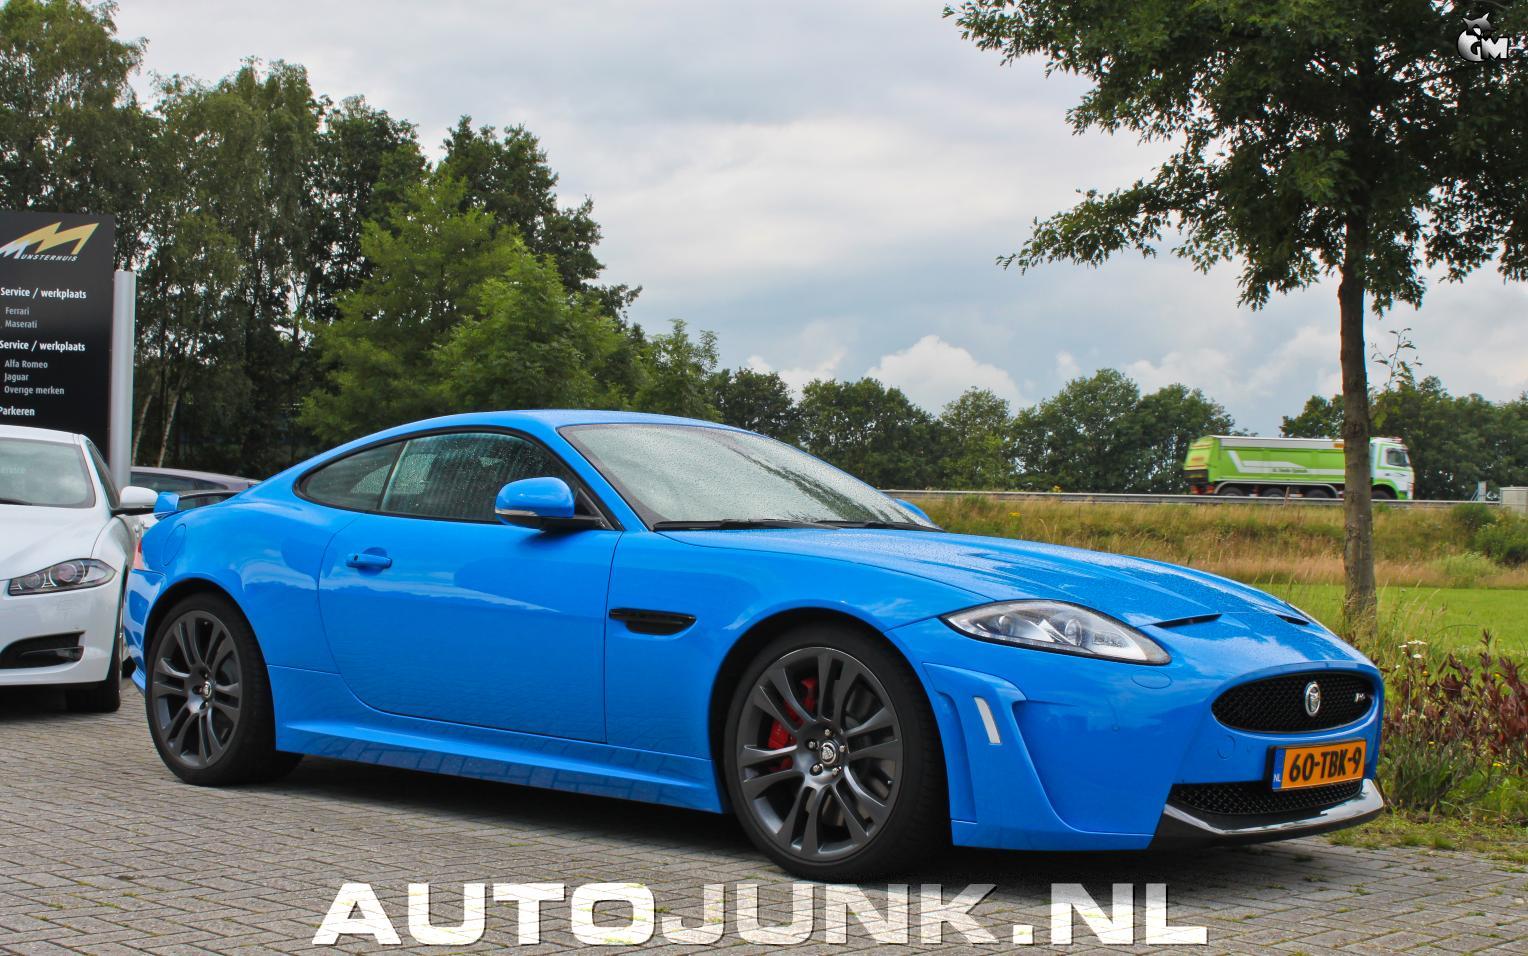 Jaguar XK-RS foto's » Autojunk.nl (94932)